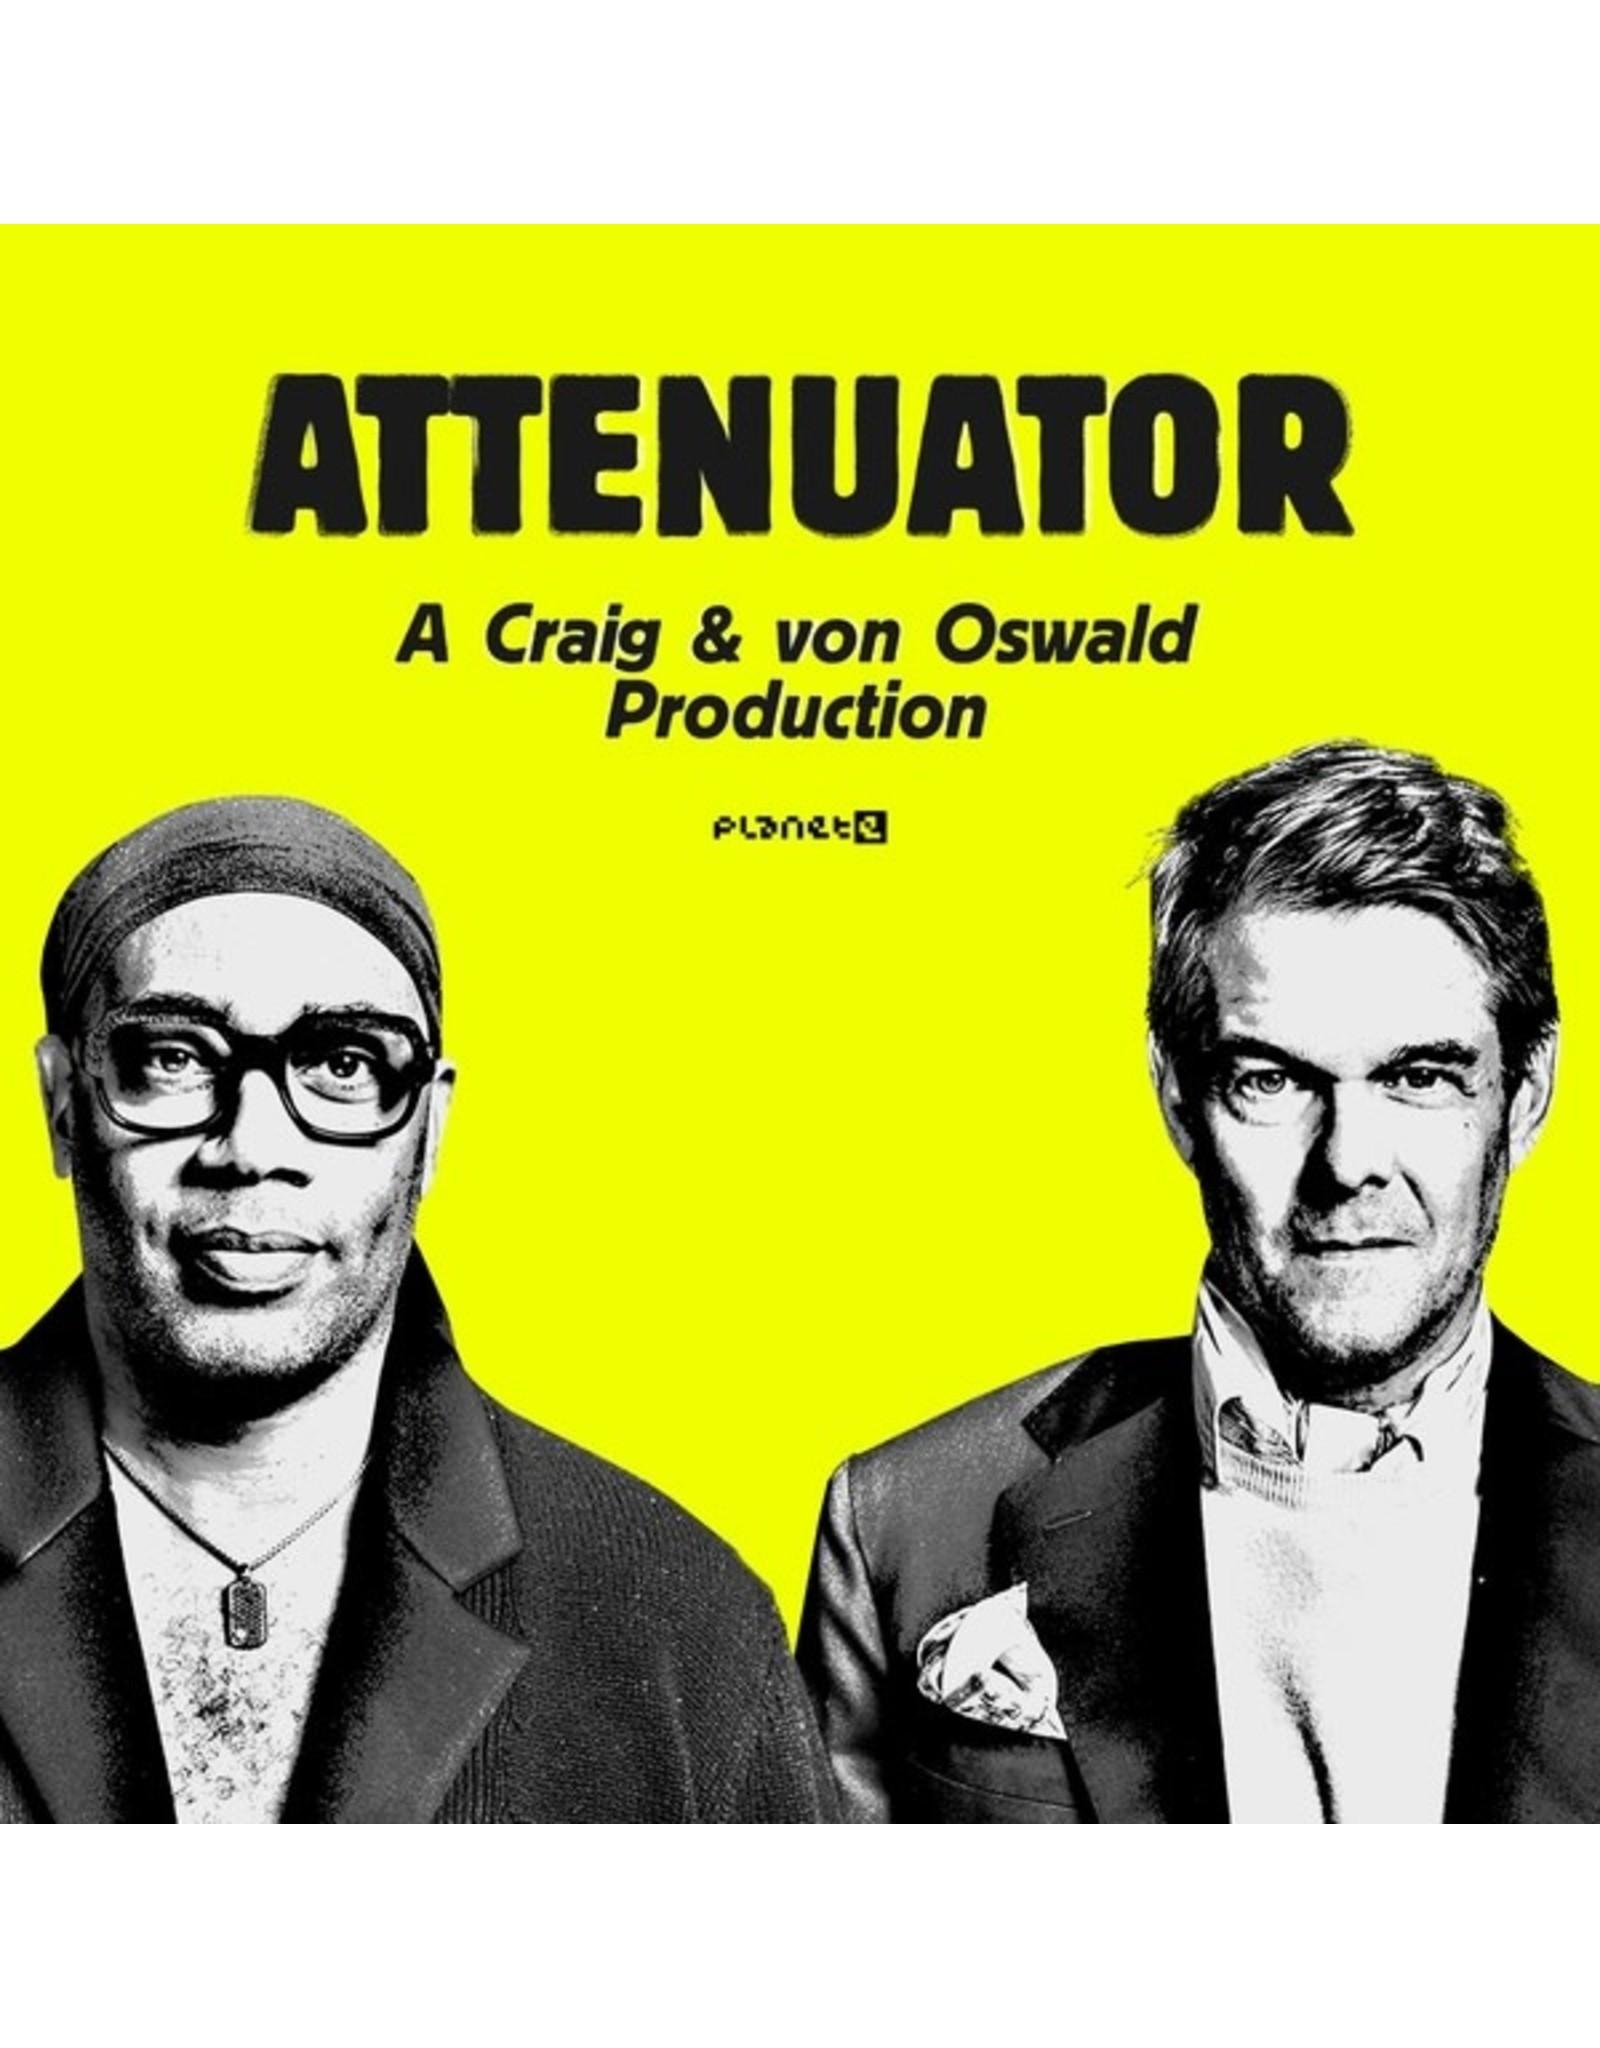 """New Vinyl Carl Craig & Moritz Von Oswald - Attenuator 12"""""""